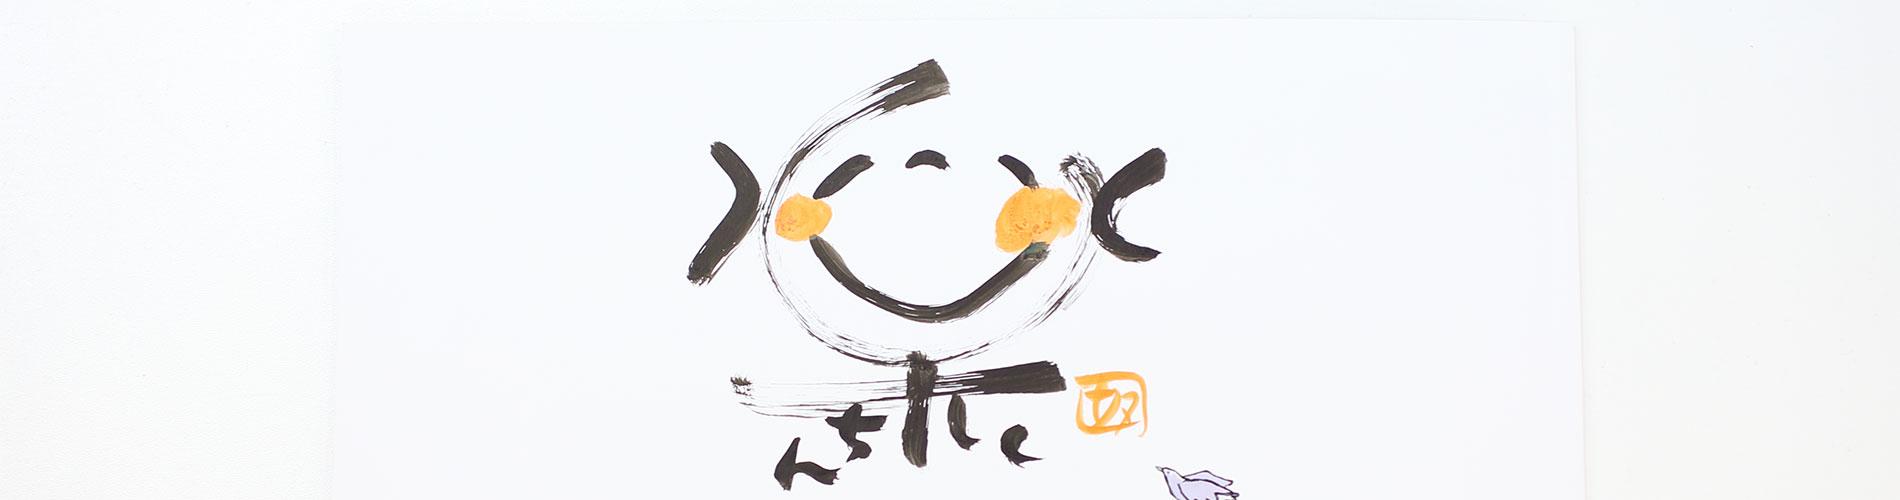 kosuke-950-002